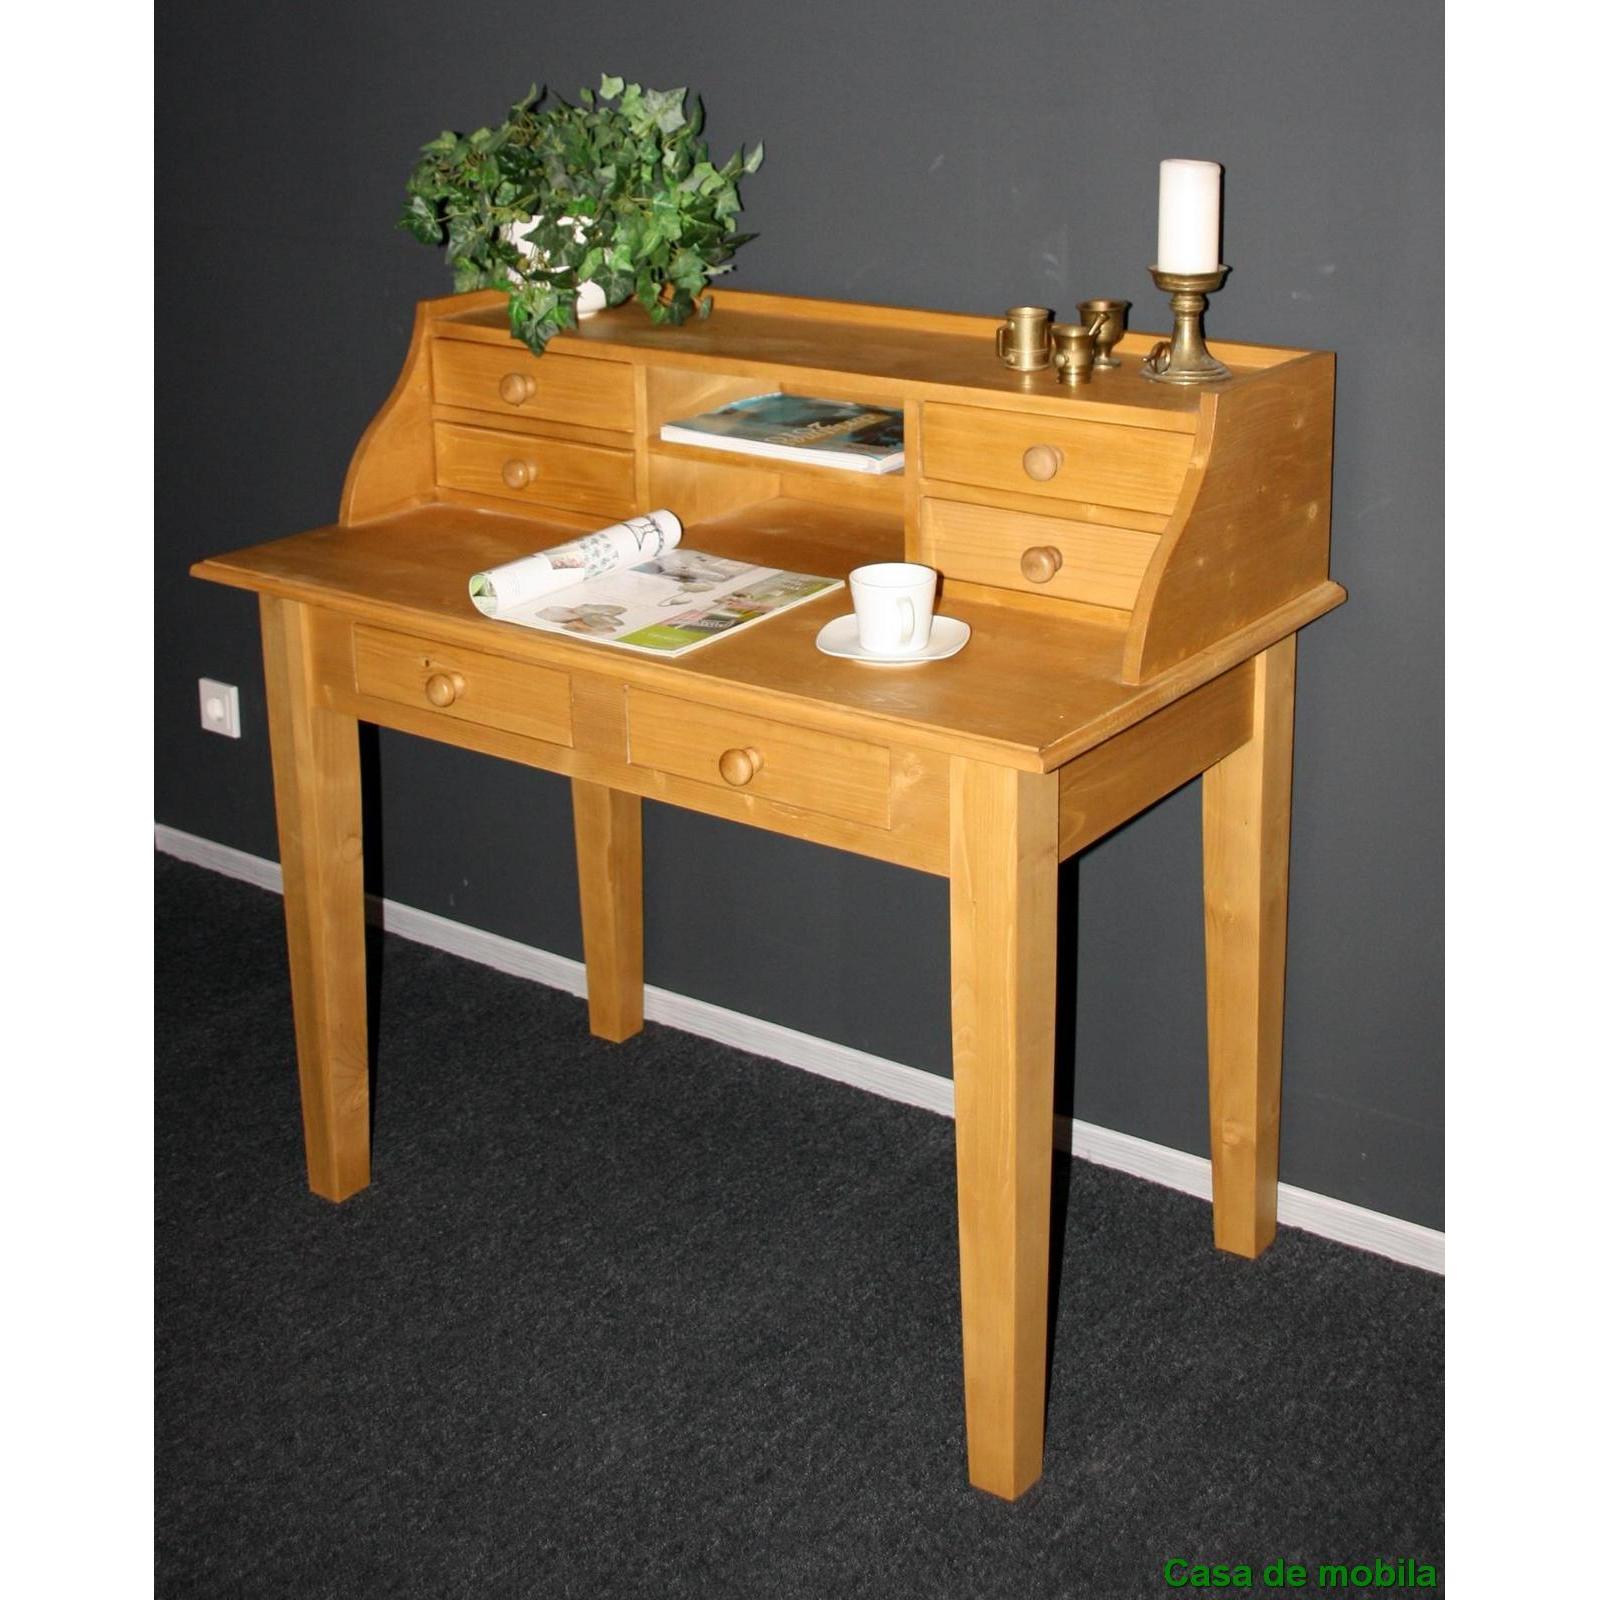 massivholz sekret r weichholz schreibtisch fichte massiv antik gewachst retro ebay. Black Bedroom Furniture Sets. Home Design Ideas